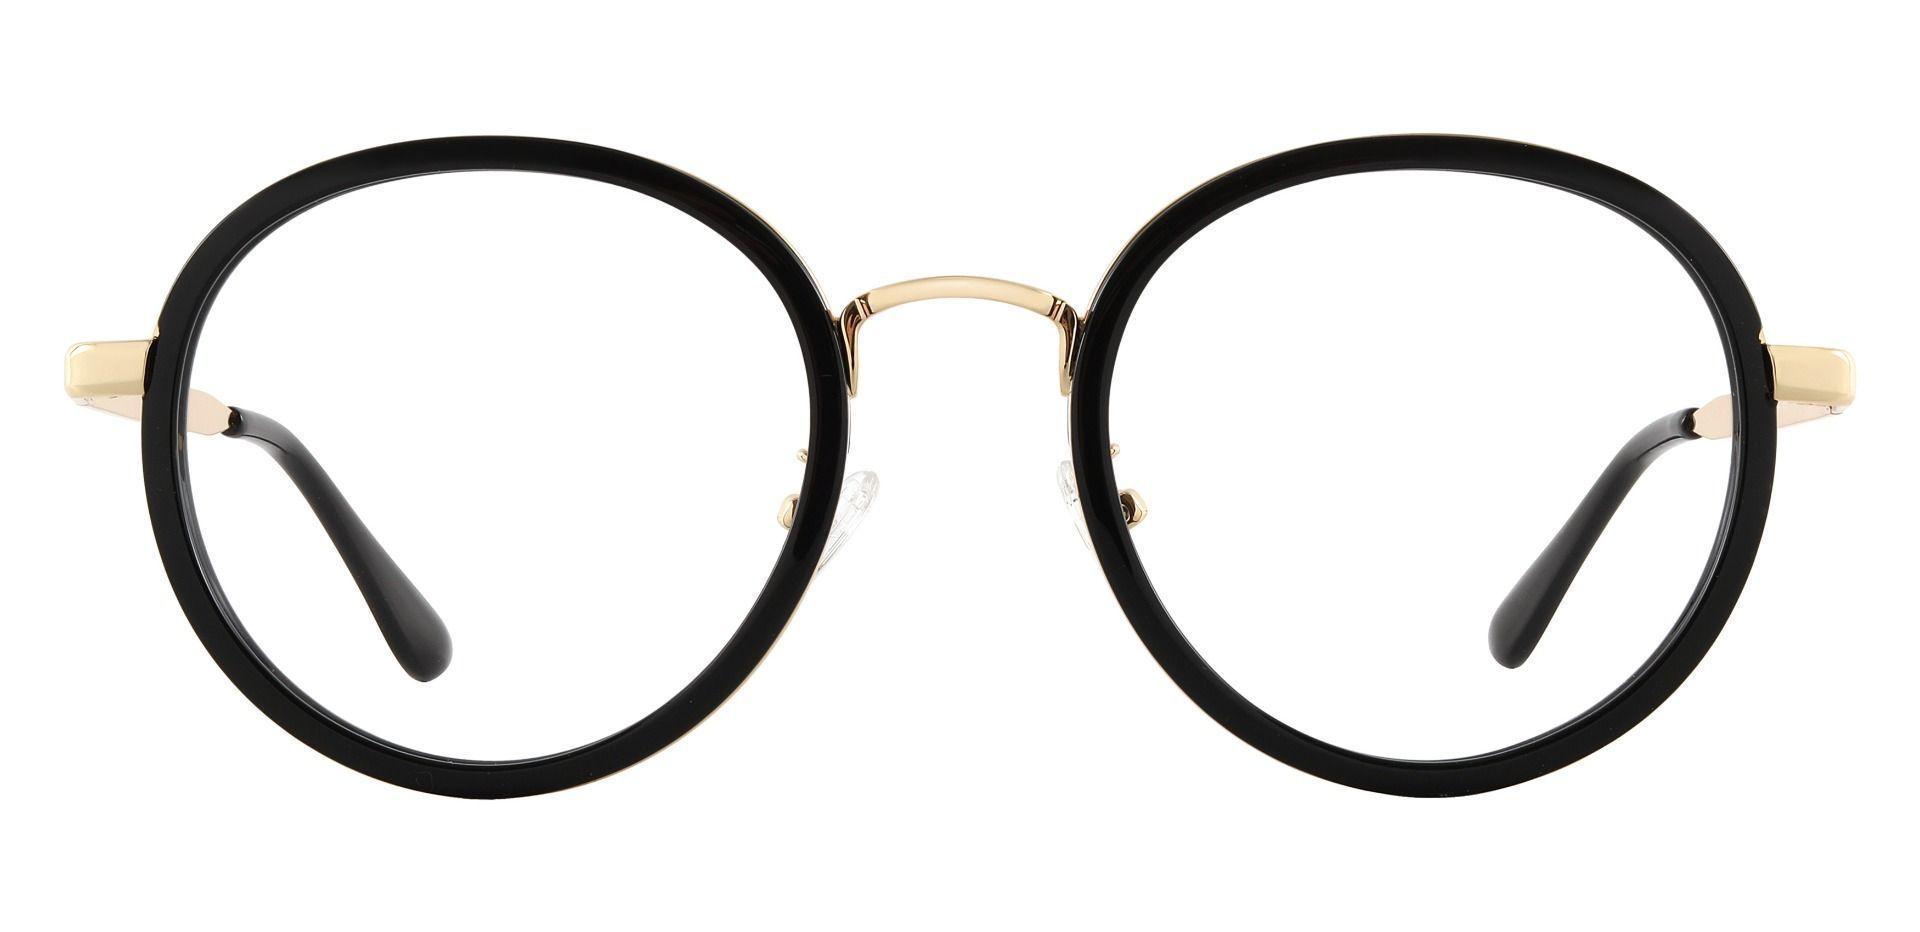 Bosco Round Prescription Glasses - Black